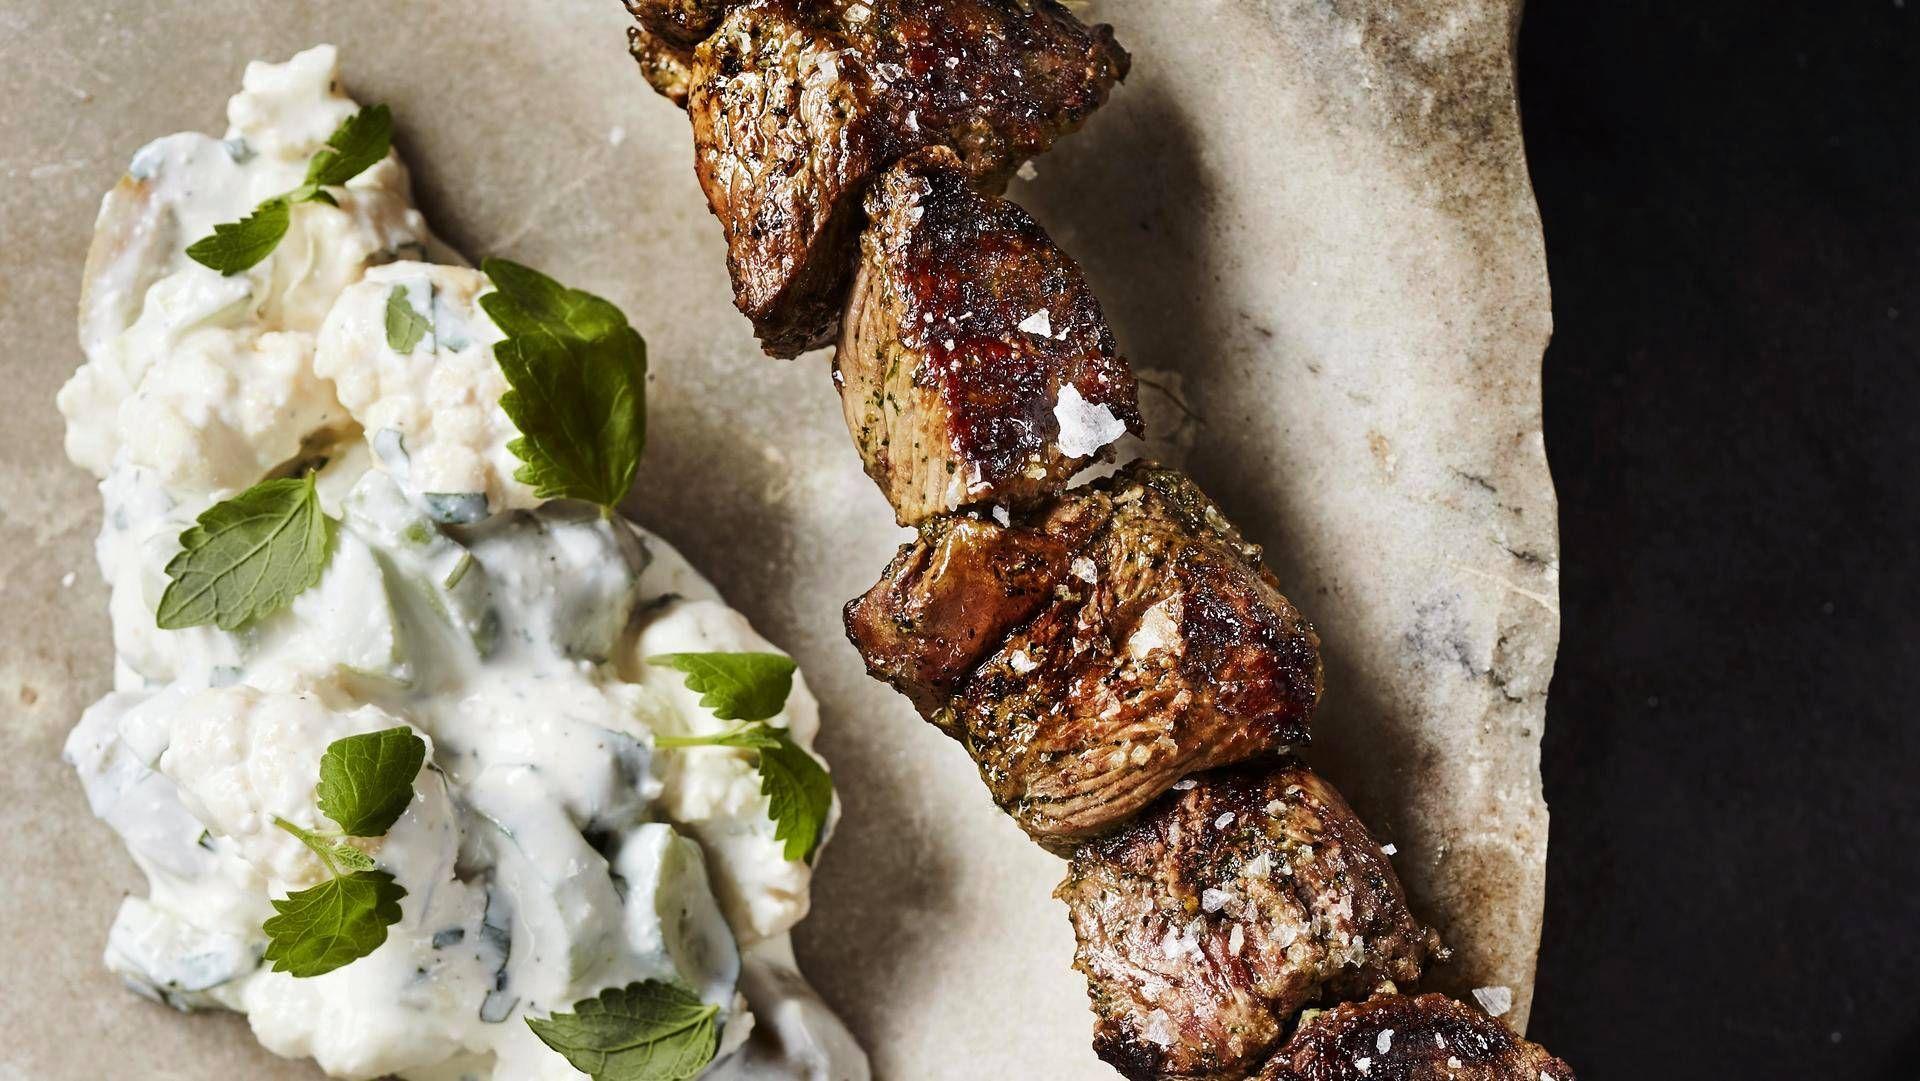 Tämä kreikkalaistyylinen salaatti sopii esimerkiksi grillattujen karitsavartaiden eli karitsasouvlakien lisäkkeeksi.